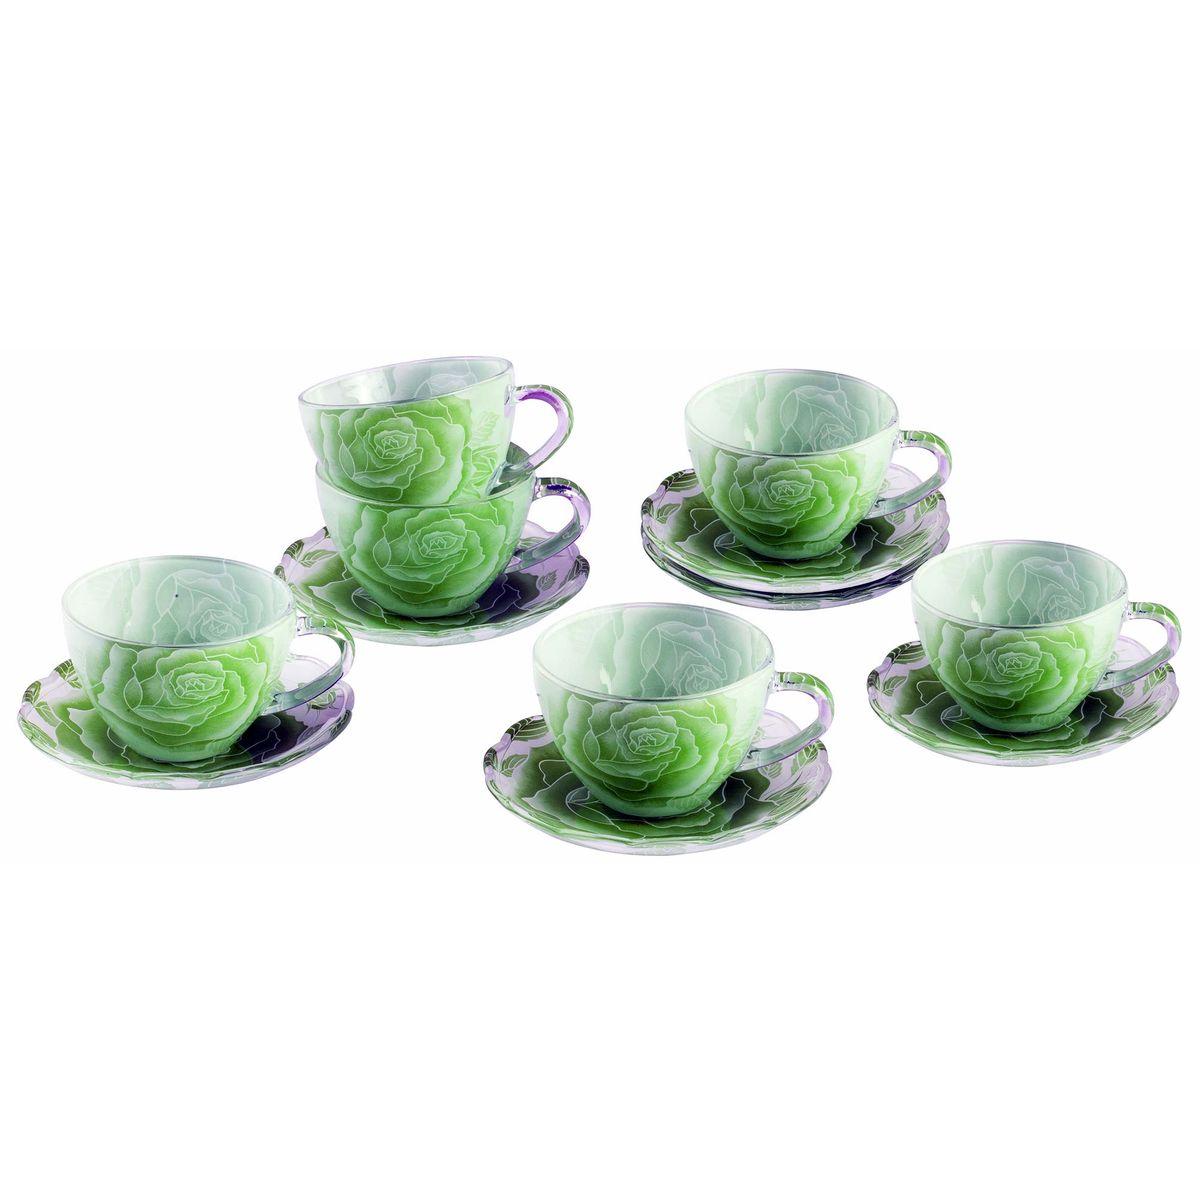 Набор чайный BK-5853 12прBK-585312пр.: чашка - 6шт. (200мл), блюдце - 6шт. (13,5см). Подарочная упаковка. Состав: стекло.